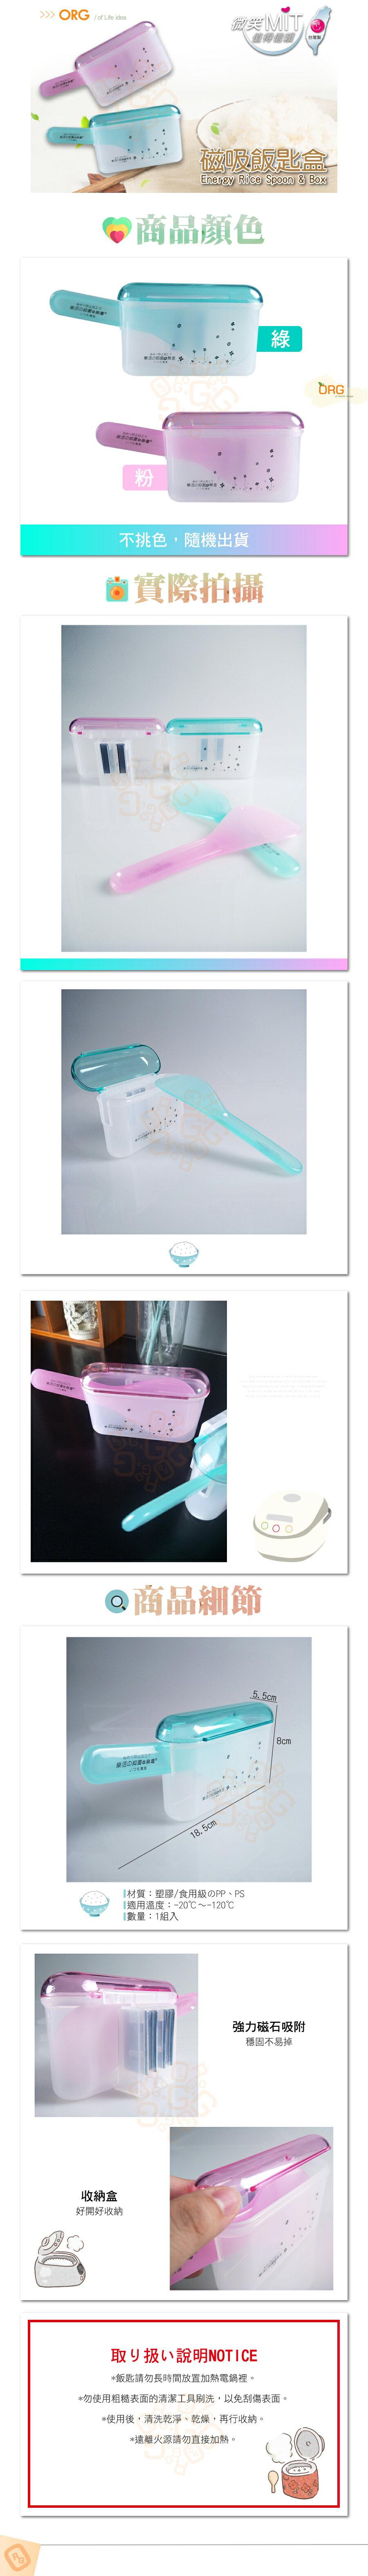 ORG《SD1415a》台灣製MIT~飯匙+收納盒 磁吸飯匙盒 飯勺 飯勺盒 飯勺收納盒 飯匙收納 廚房用品 磁鐵飯匙盒 9